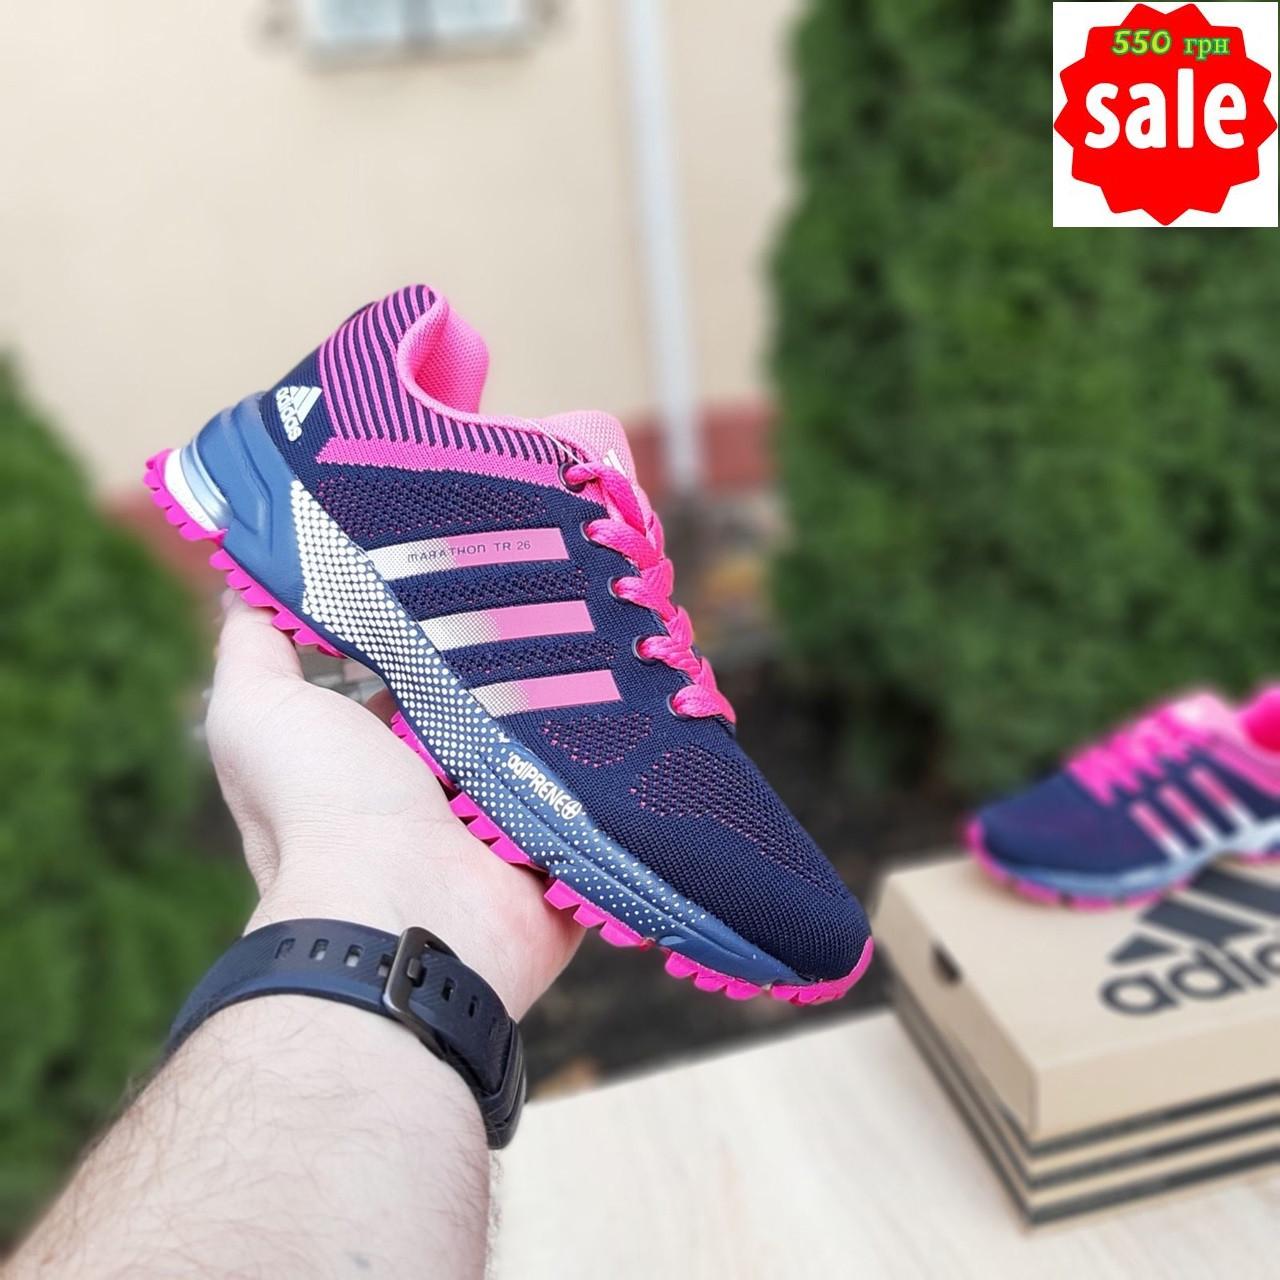 Кроссовки распродажа АКЦИЯ последние размеры Adidas Marathon Flyknit 550 грн 36й(22.5см), люкс копия